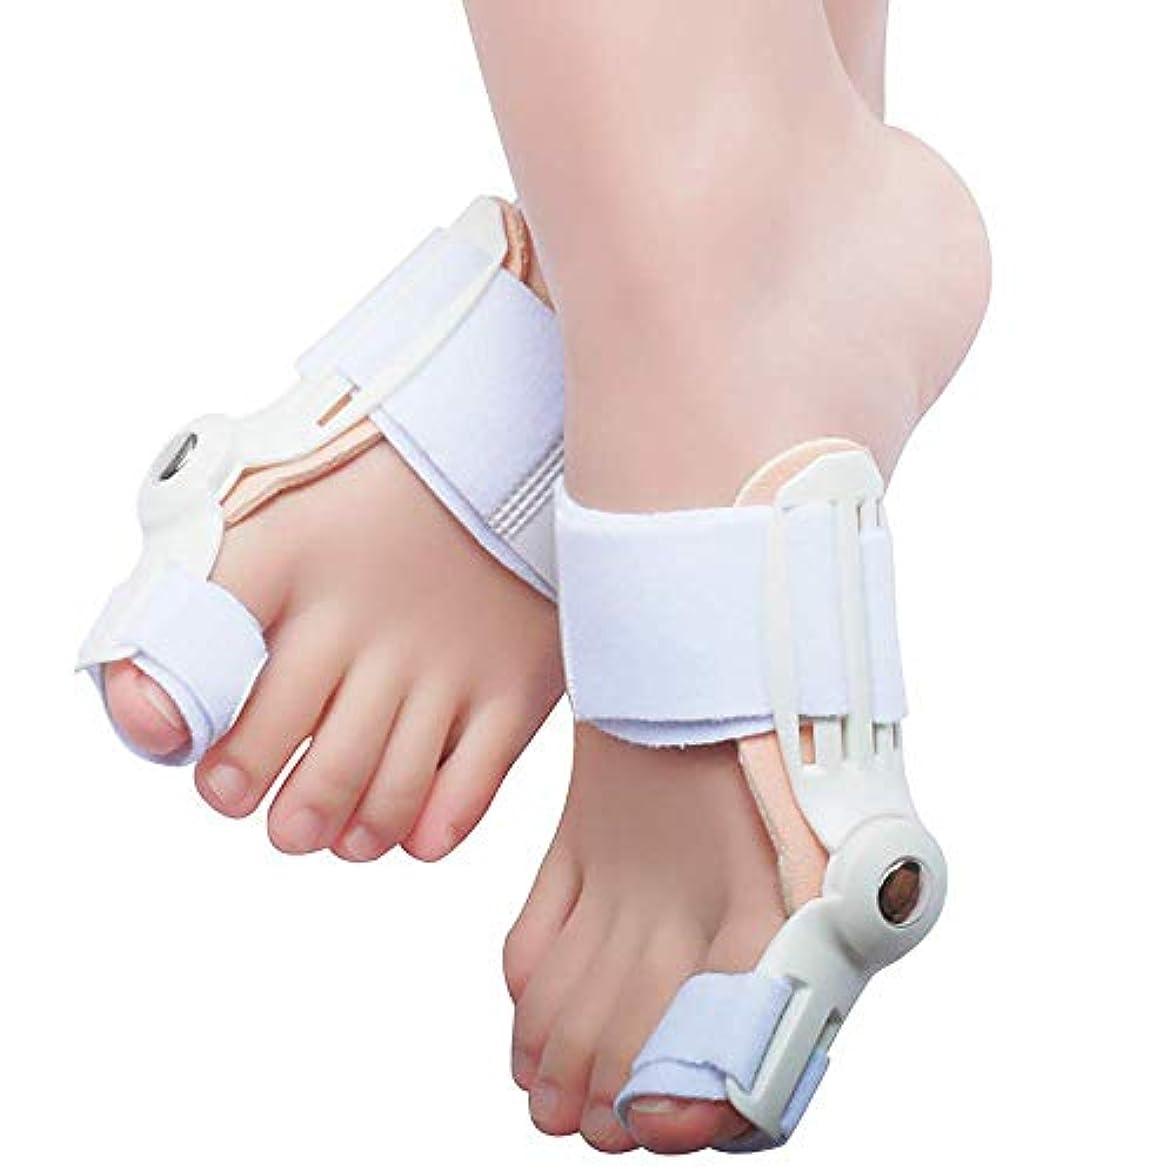 カナダひどくリラックスした整形外科用フットサポートトゥセパレーター、Bunionitis aligner、昼夜を問わず使用できるポータブルマッサージ保護姿勢、素早い安心のための男性と女性の足首